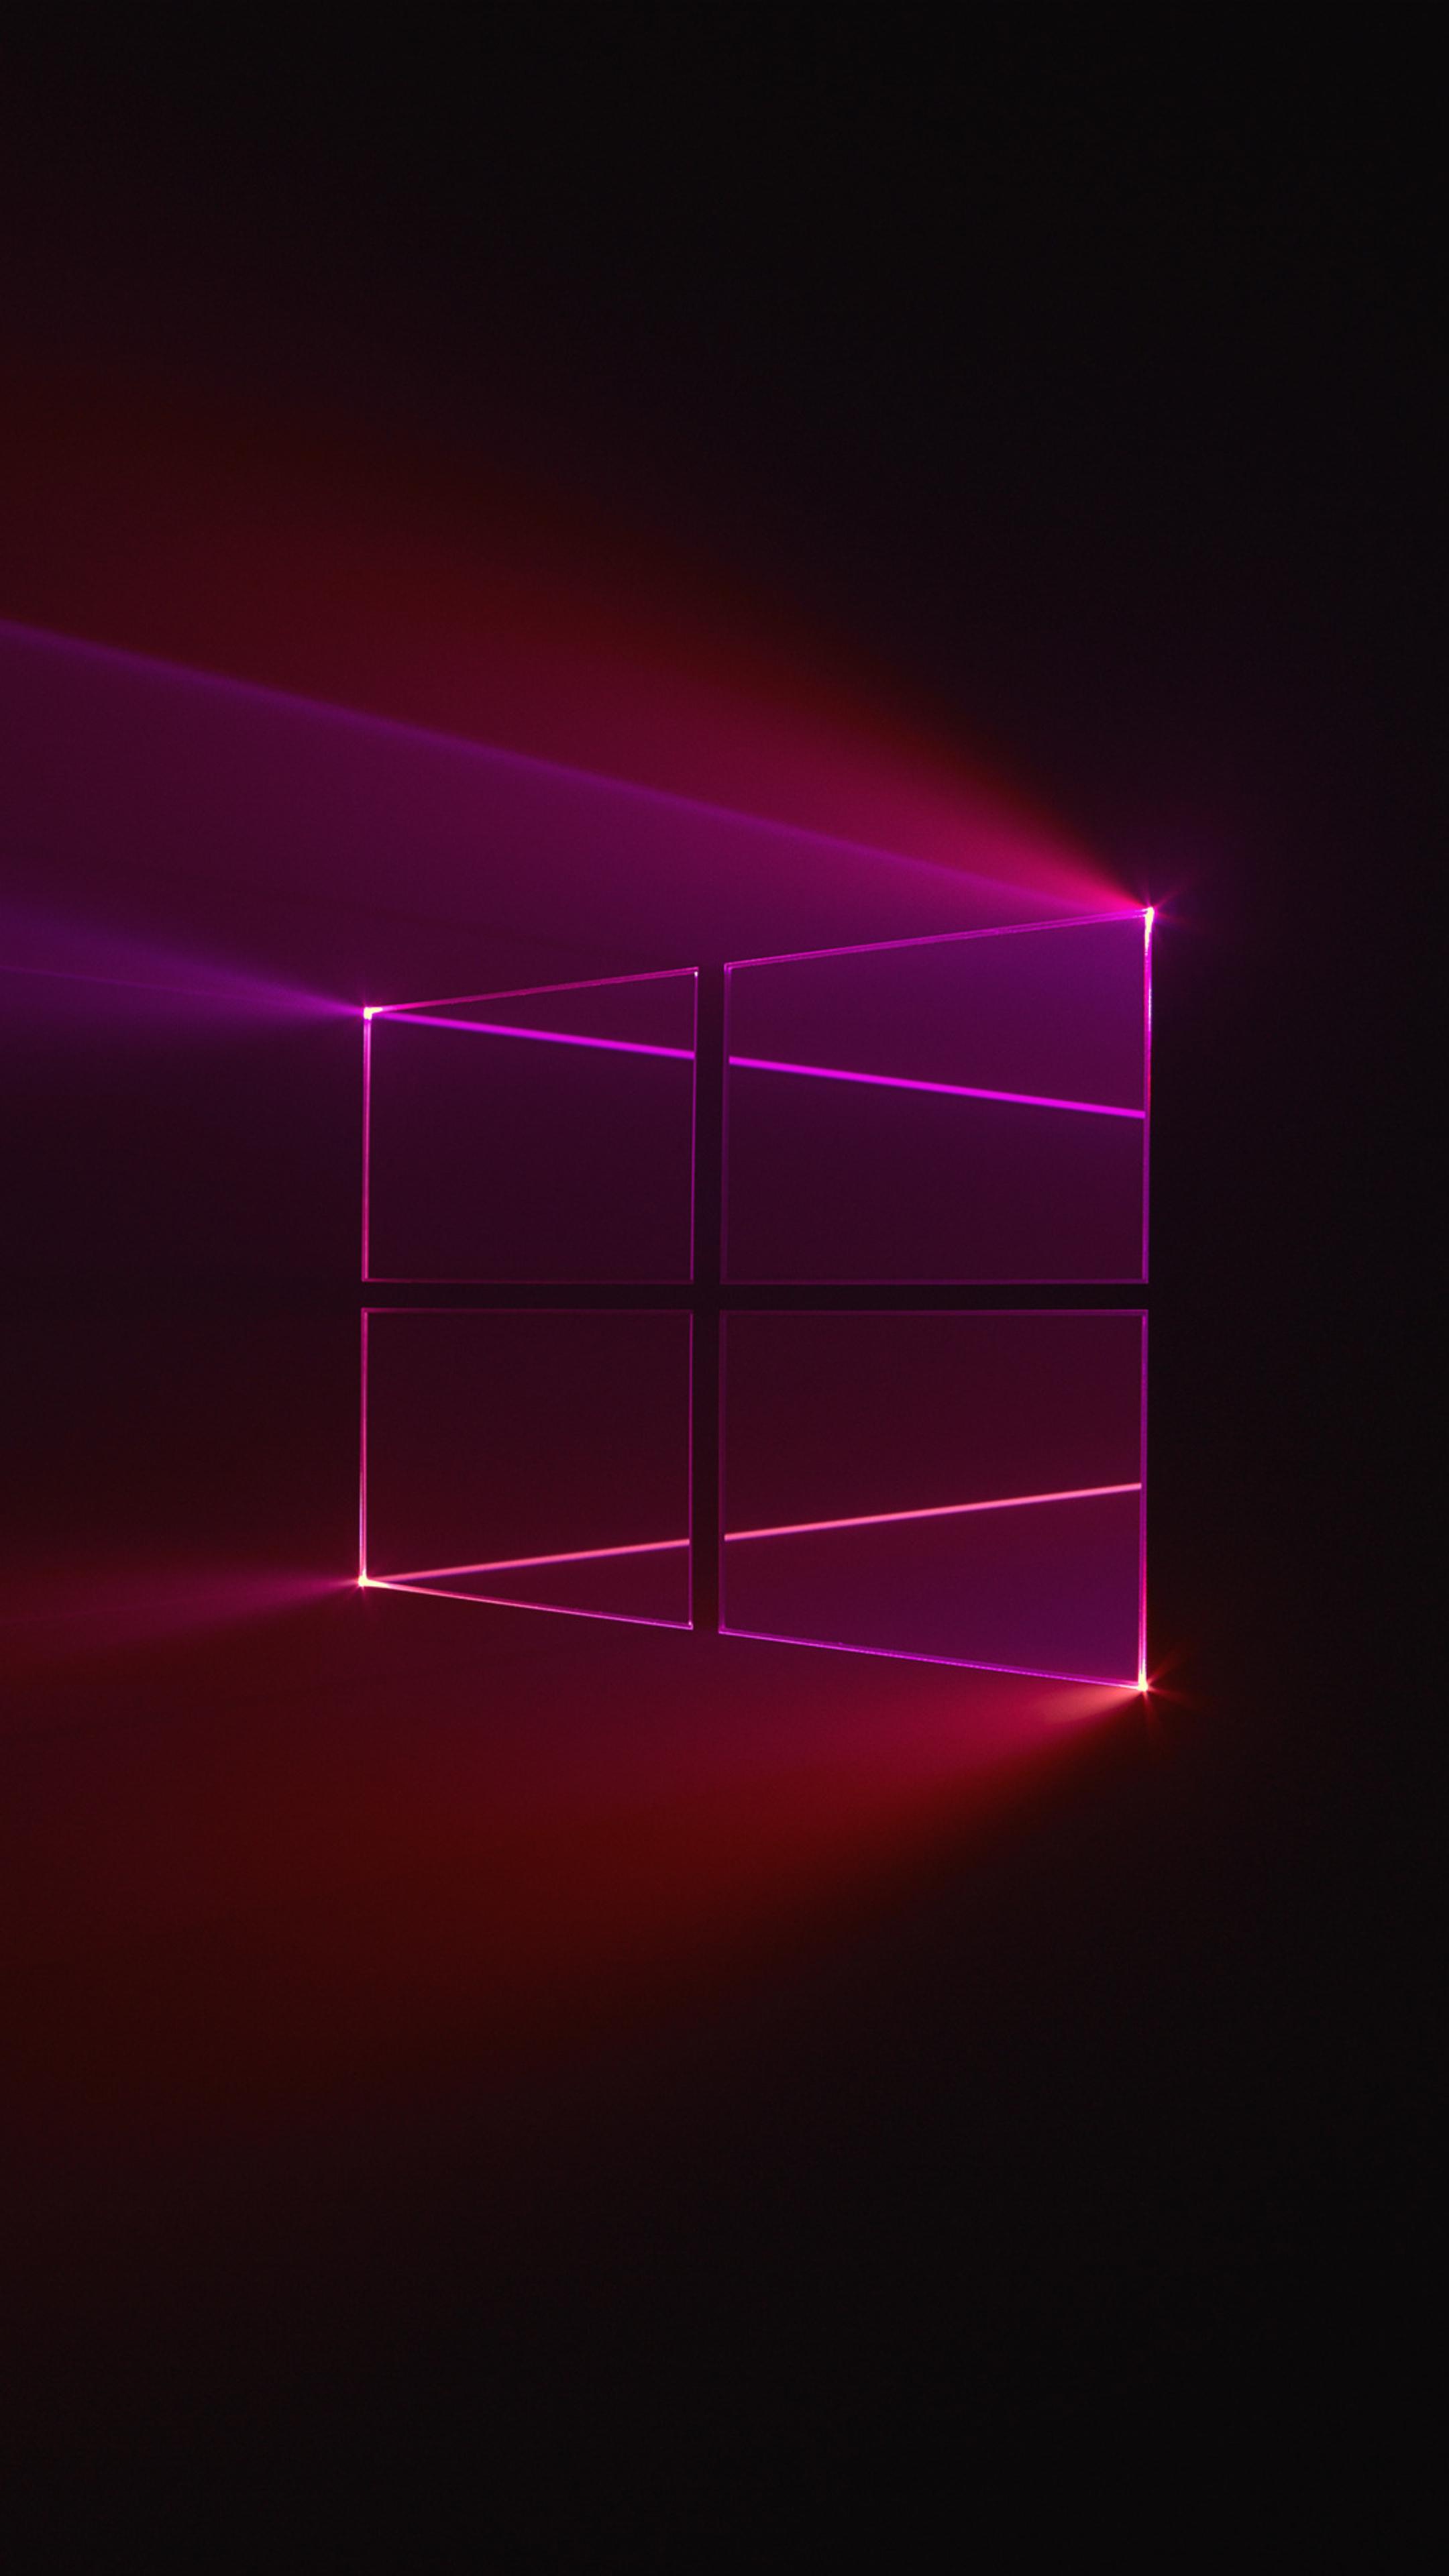 2160x3840 Windows 10 Glass Background Sony Xperia X,XZ,Z5 ...